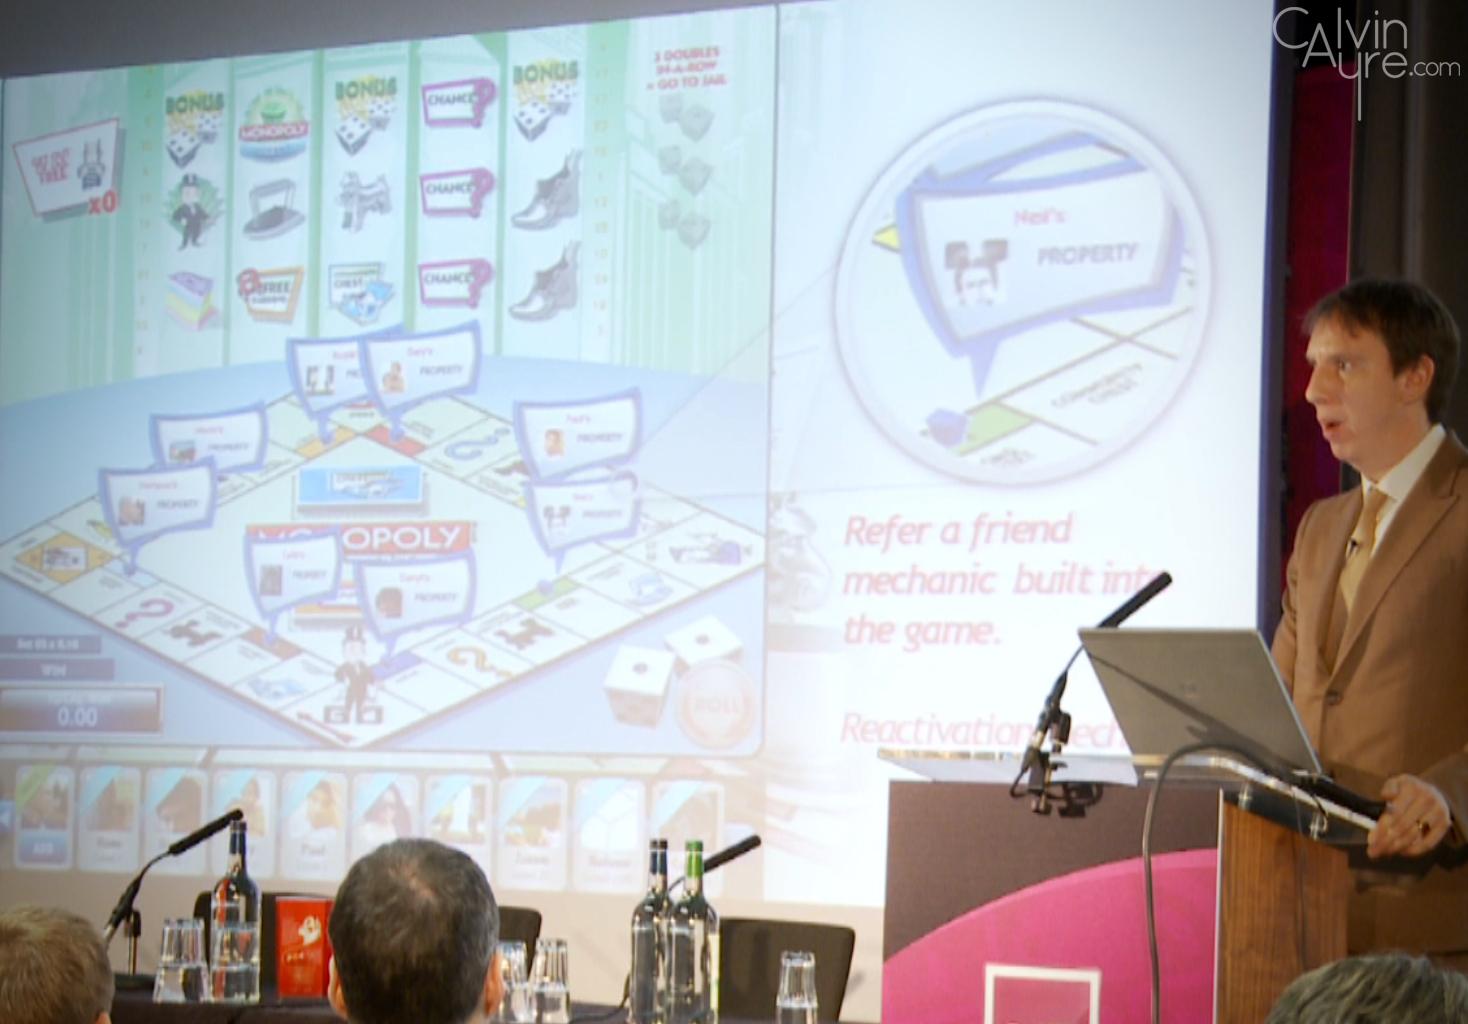 Social Gambling Conference 2012